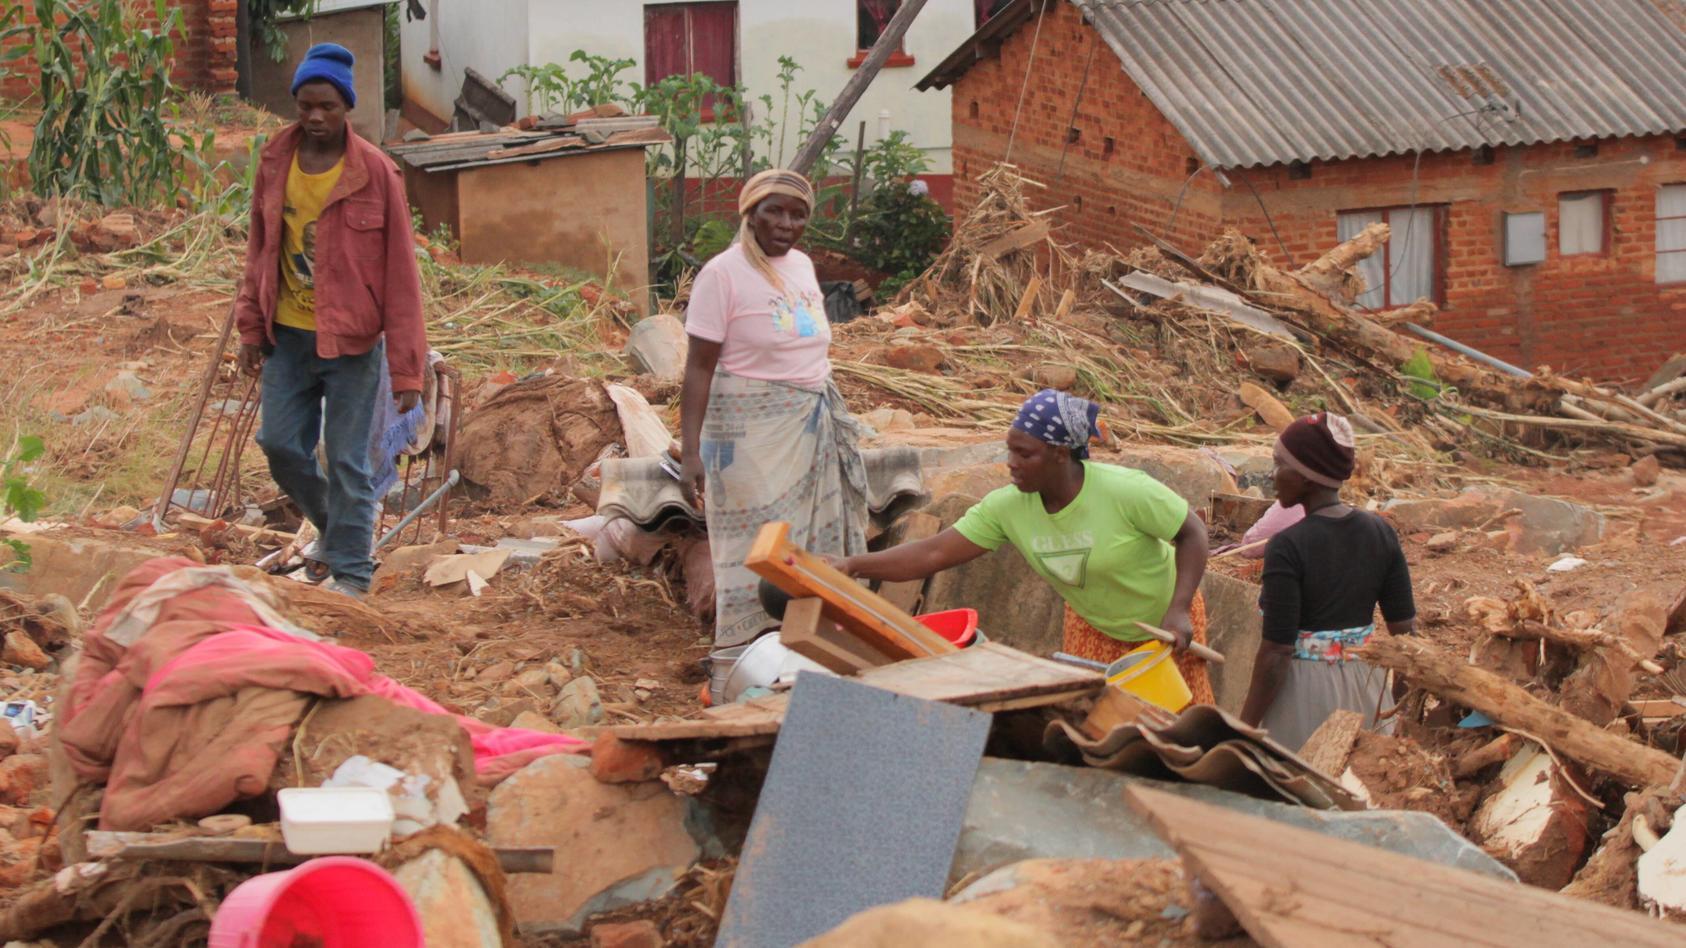 Die Schäden durch Wirbelsturm IDAI kurz vor der Erntezeit im März 2019 waren verheerend. Im Klima-Risiko-Index stehen Mozambik und Simbabwe auf den ersten beiden Plätzen.